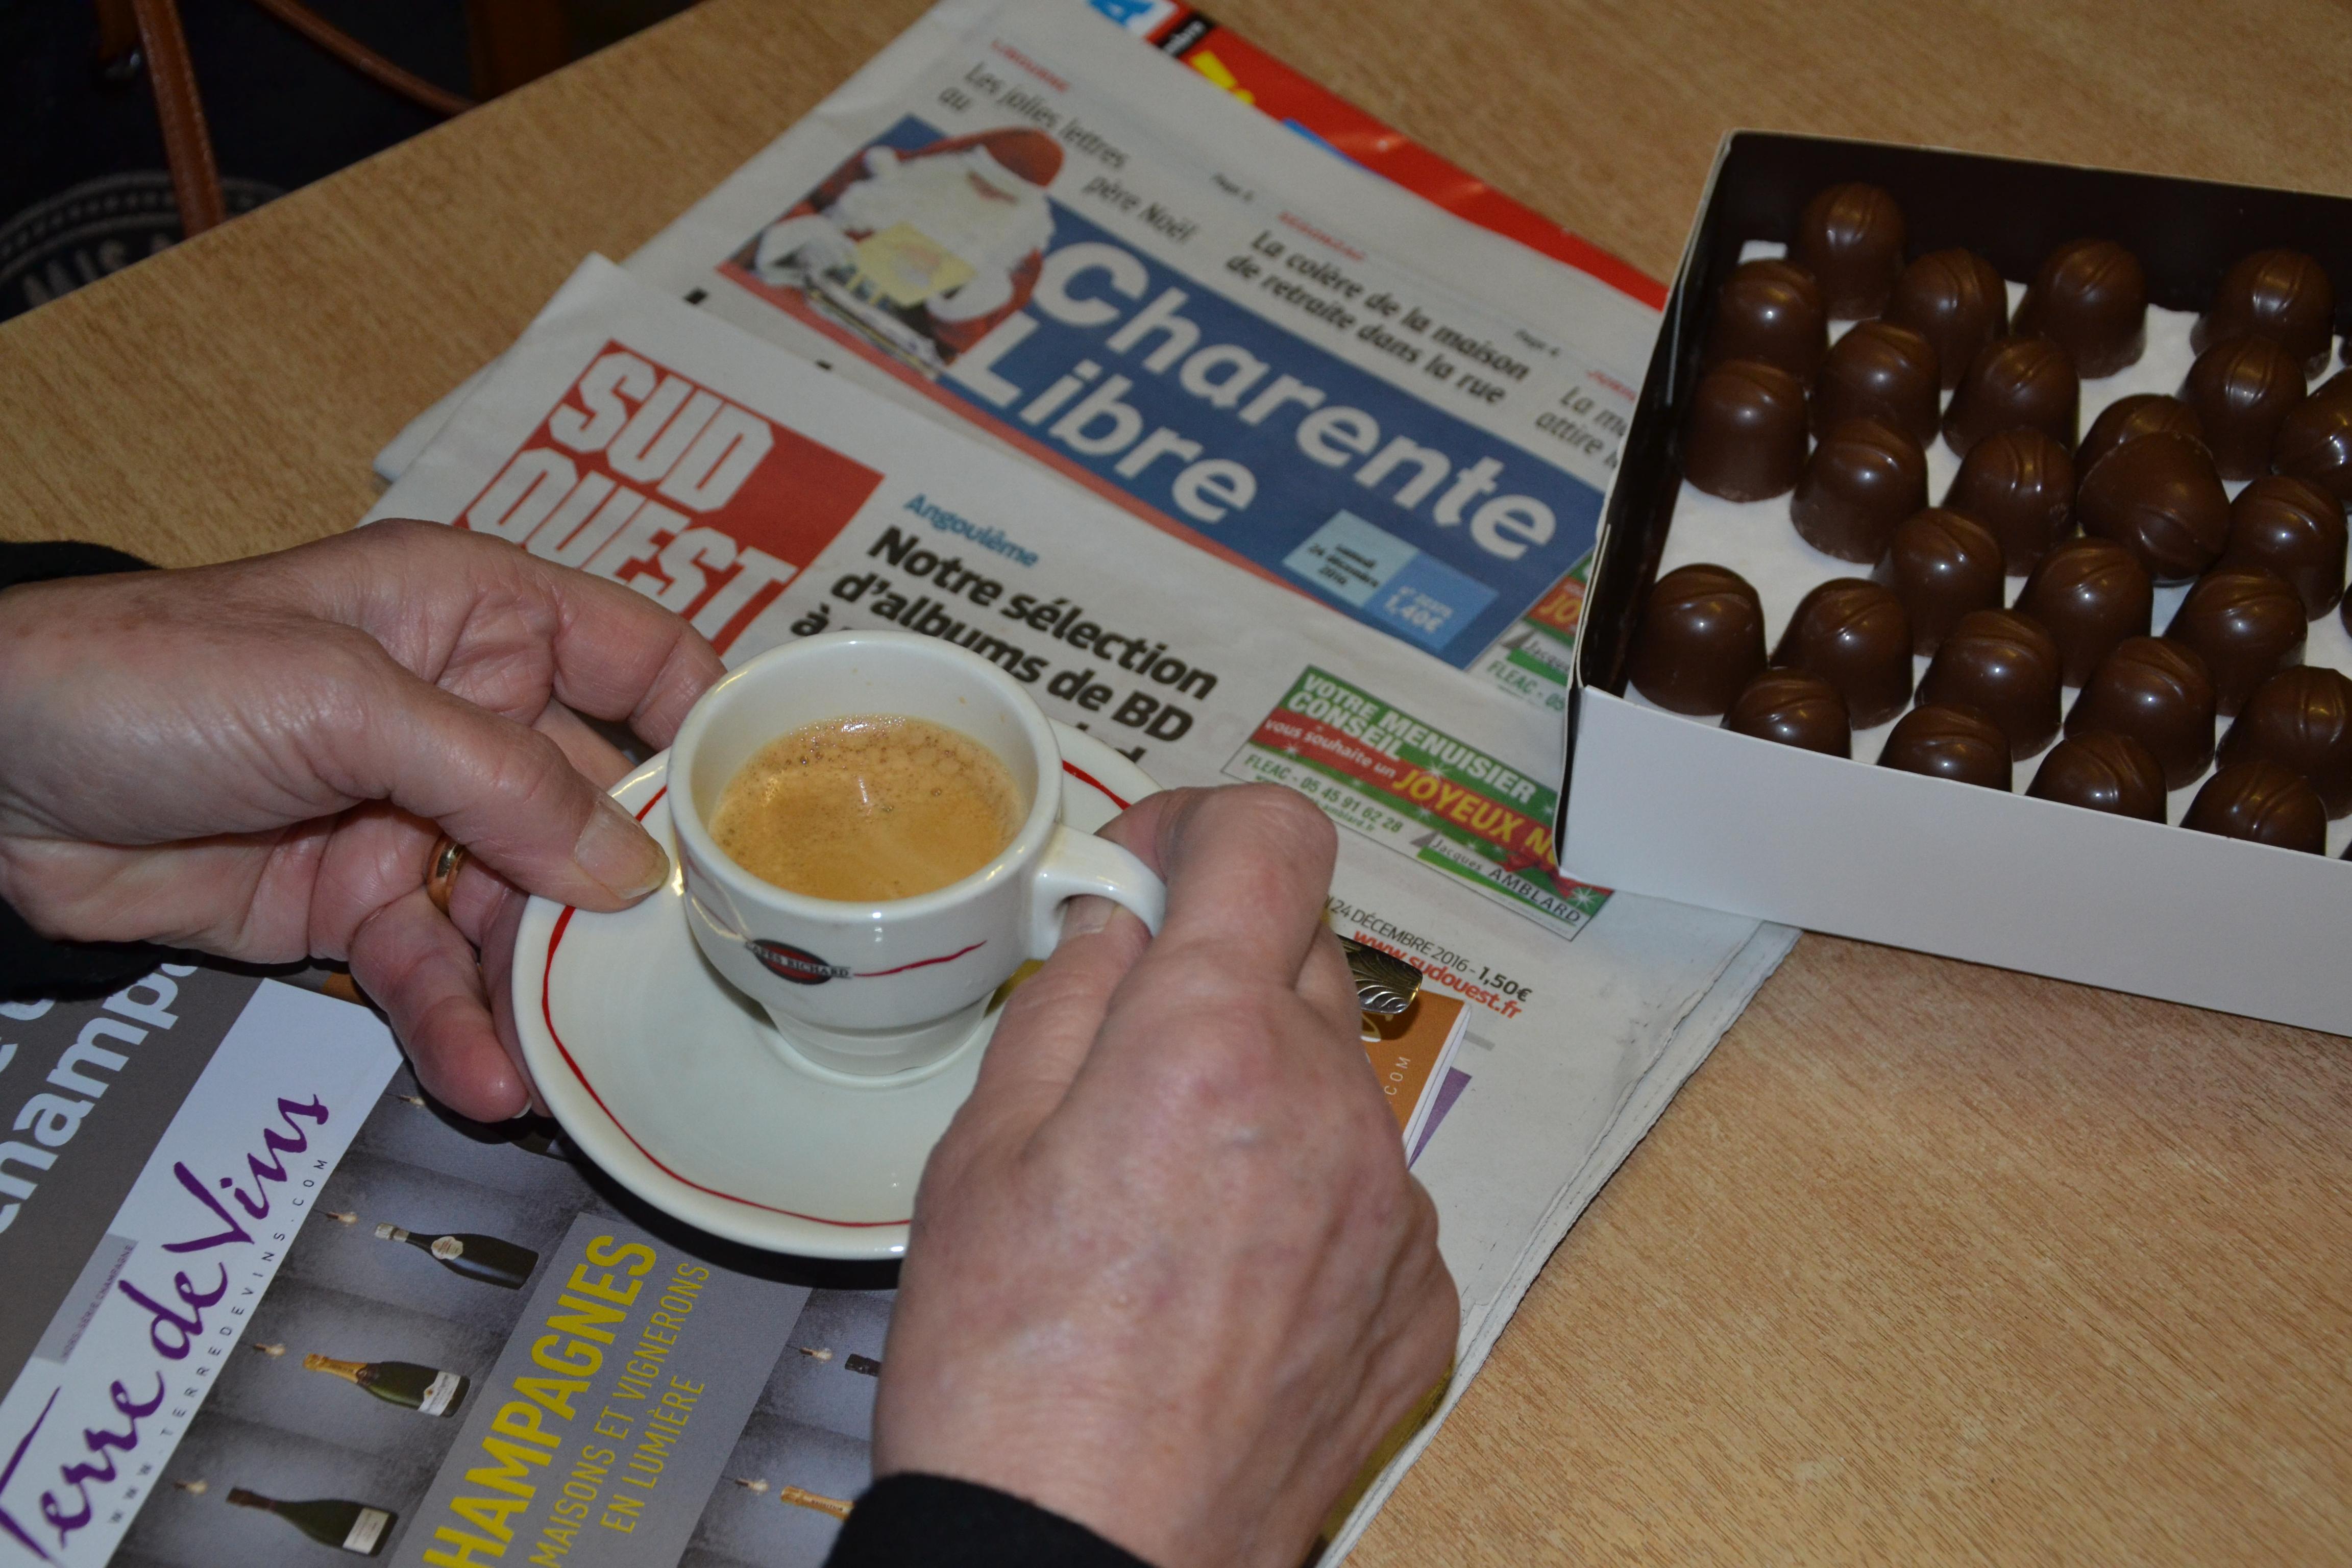 livingincognac2016 marché aux truffes